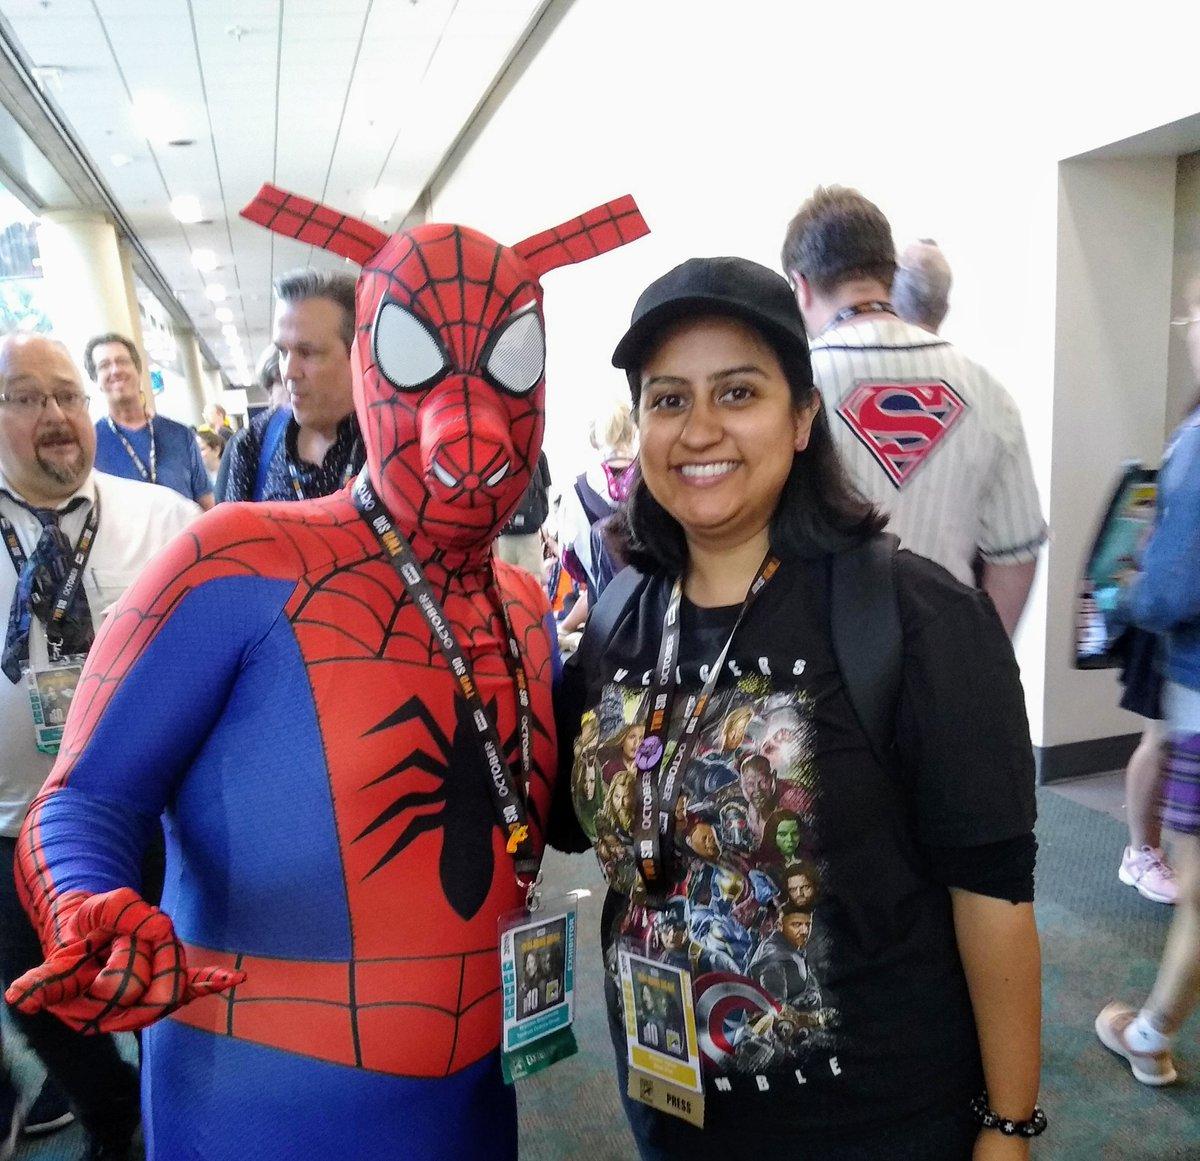 @atomtickets I love SpiderHam. I still need to meet Spider-Gwen.